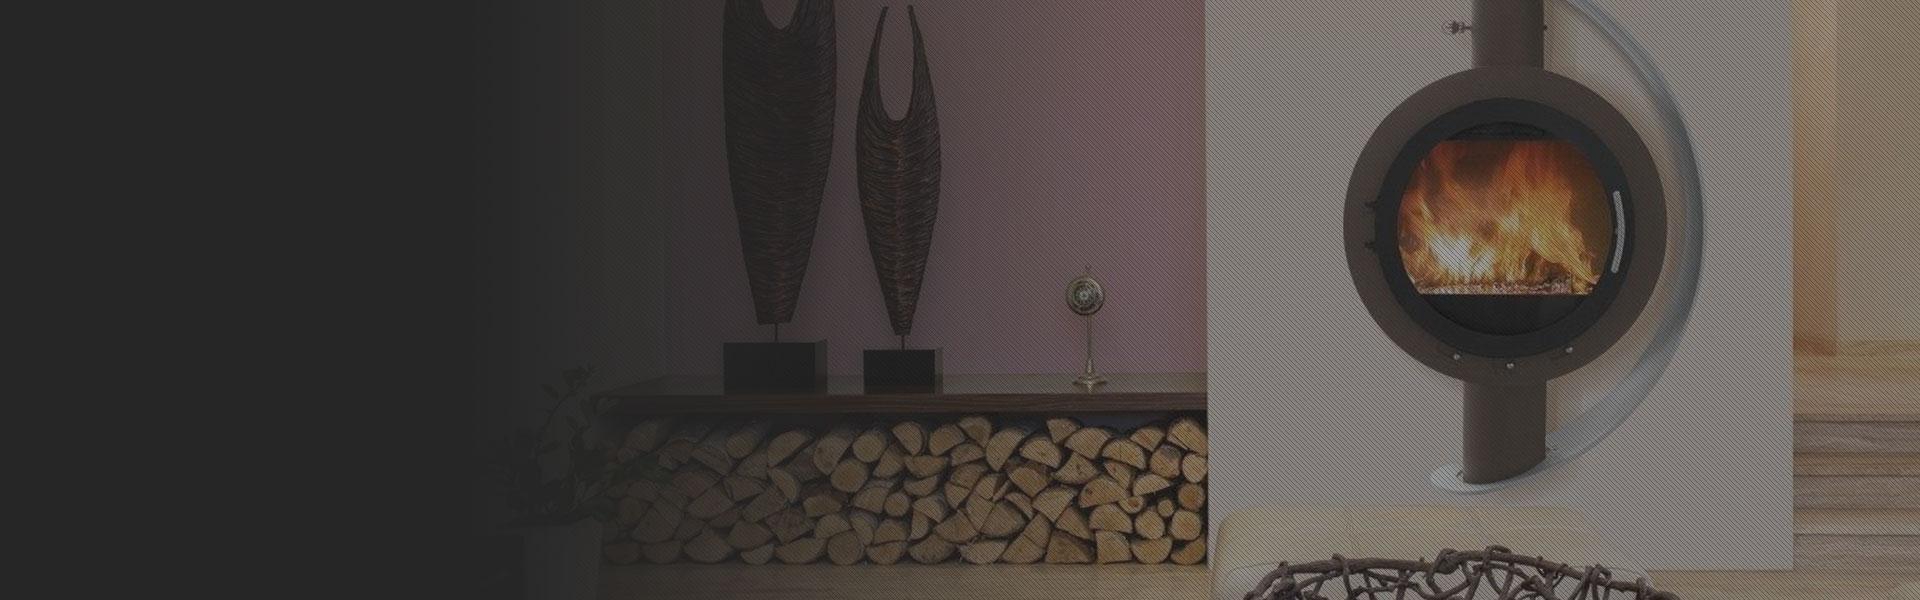 Samostoječi Kamin na drva Soluna